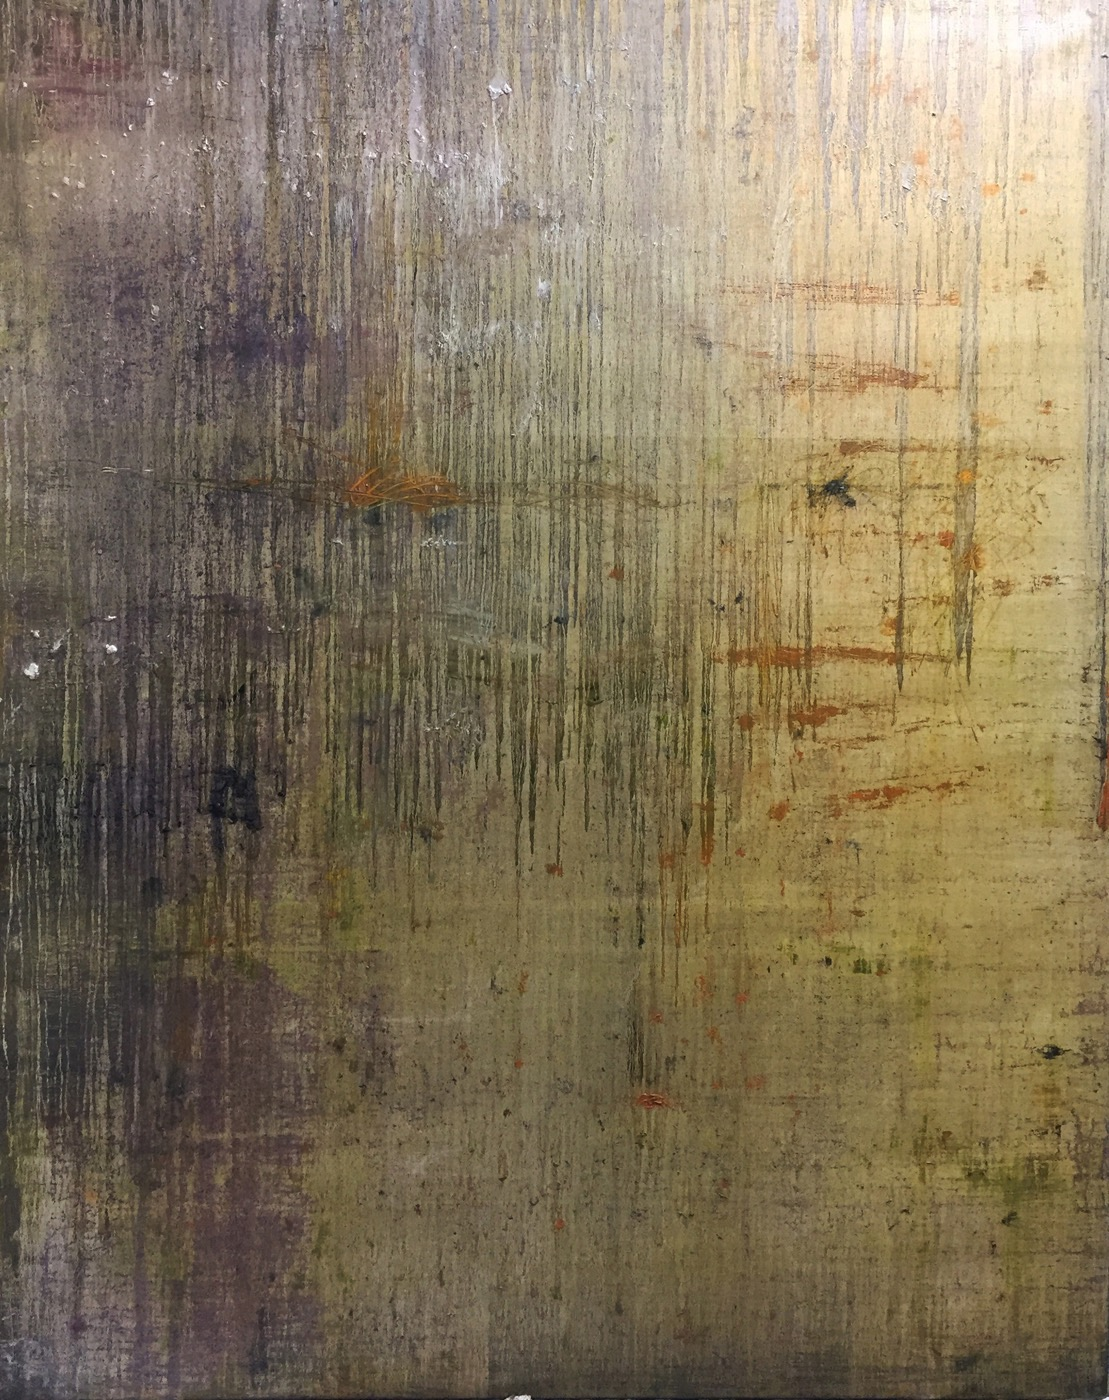 MARC FELD 2020 LIEU Huile et acrylique sur toile 160 x 200 cm